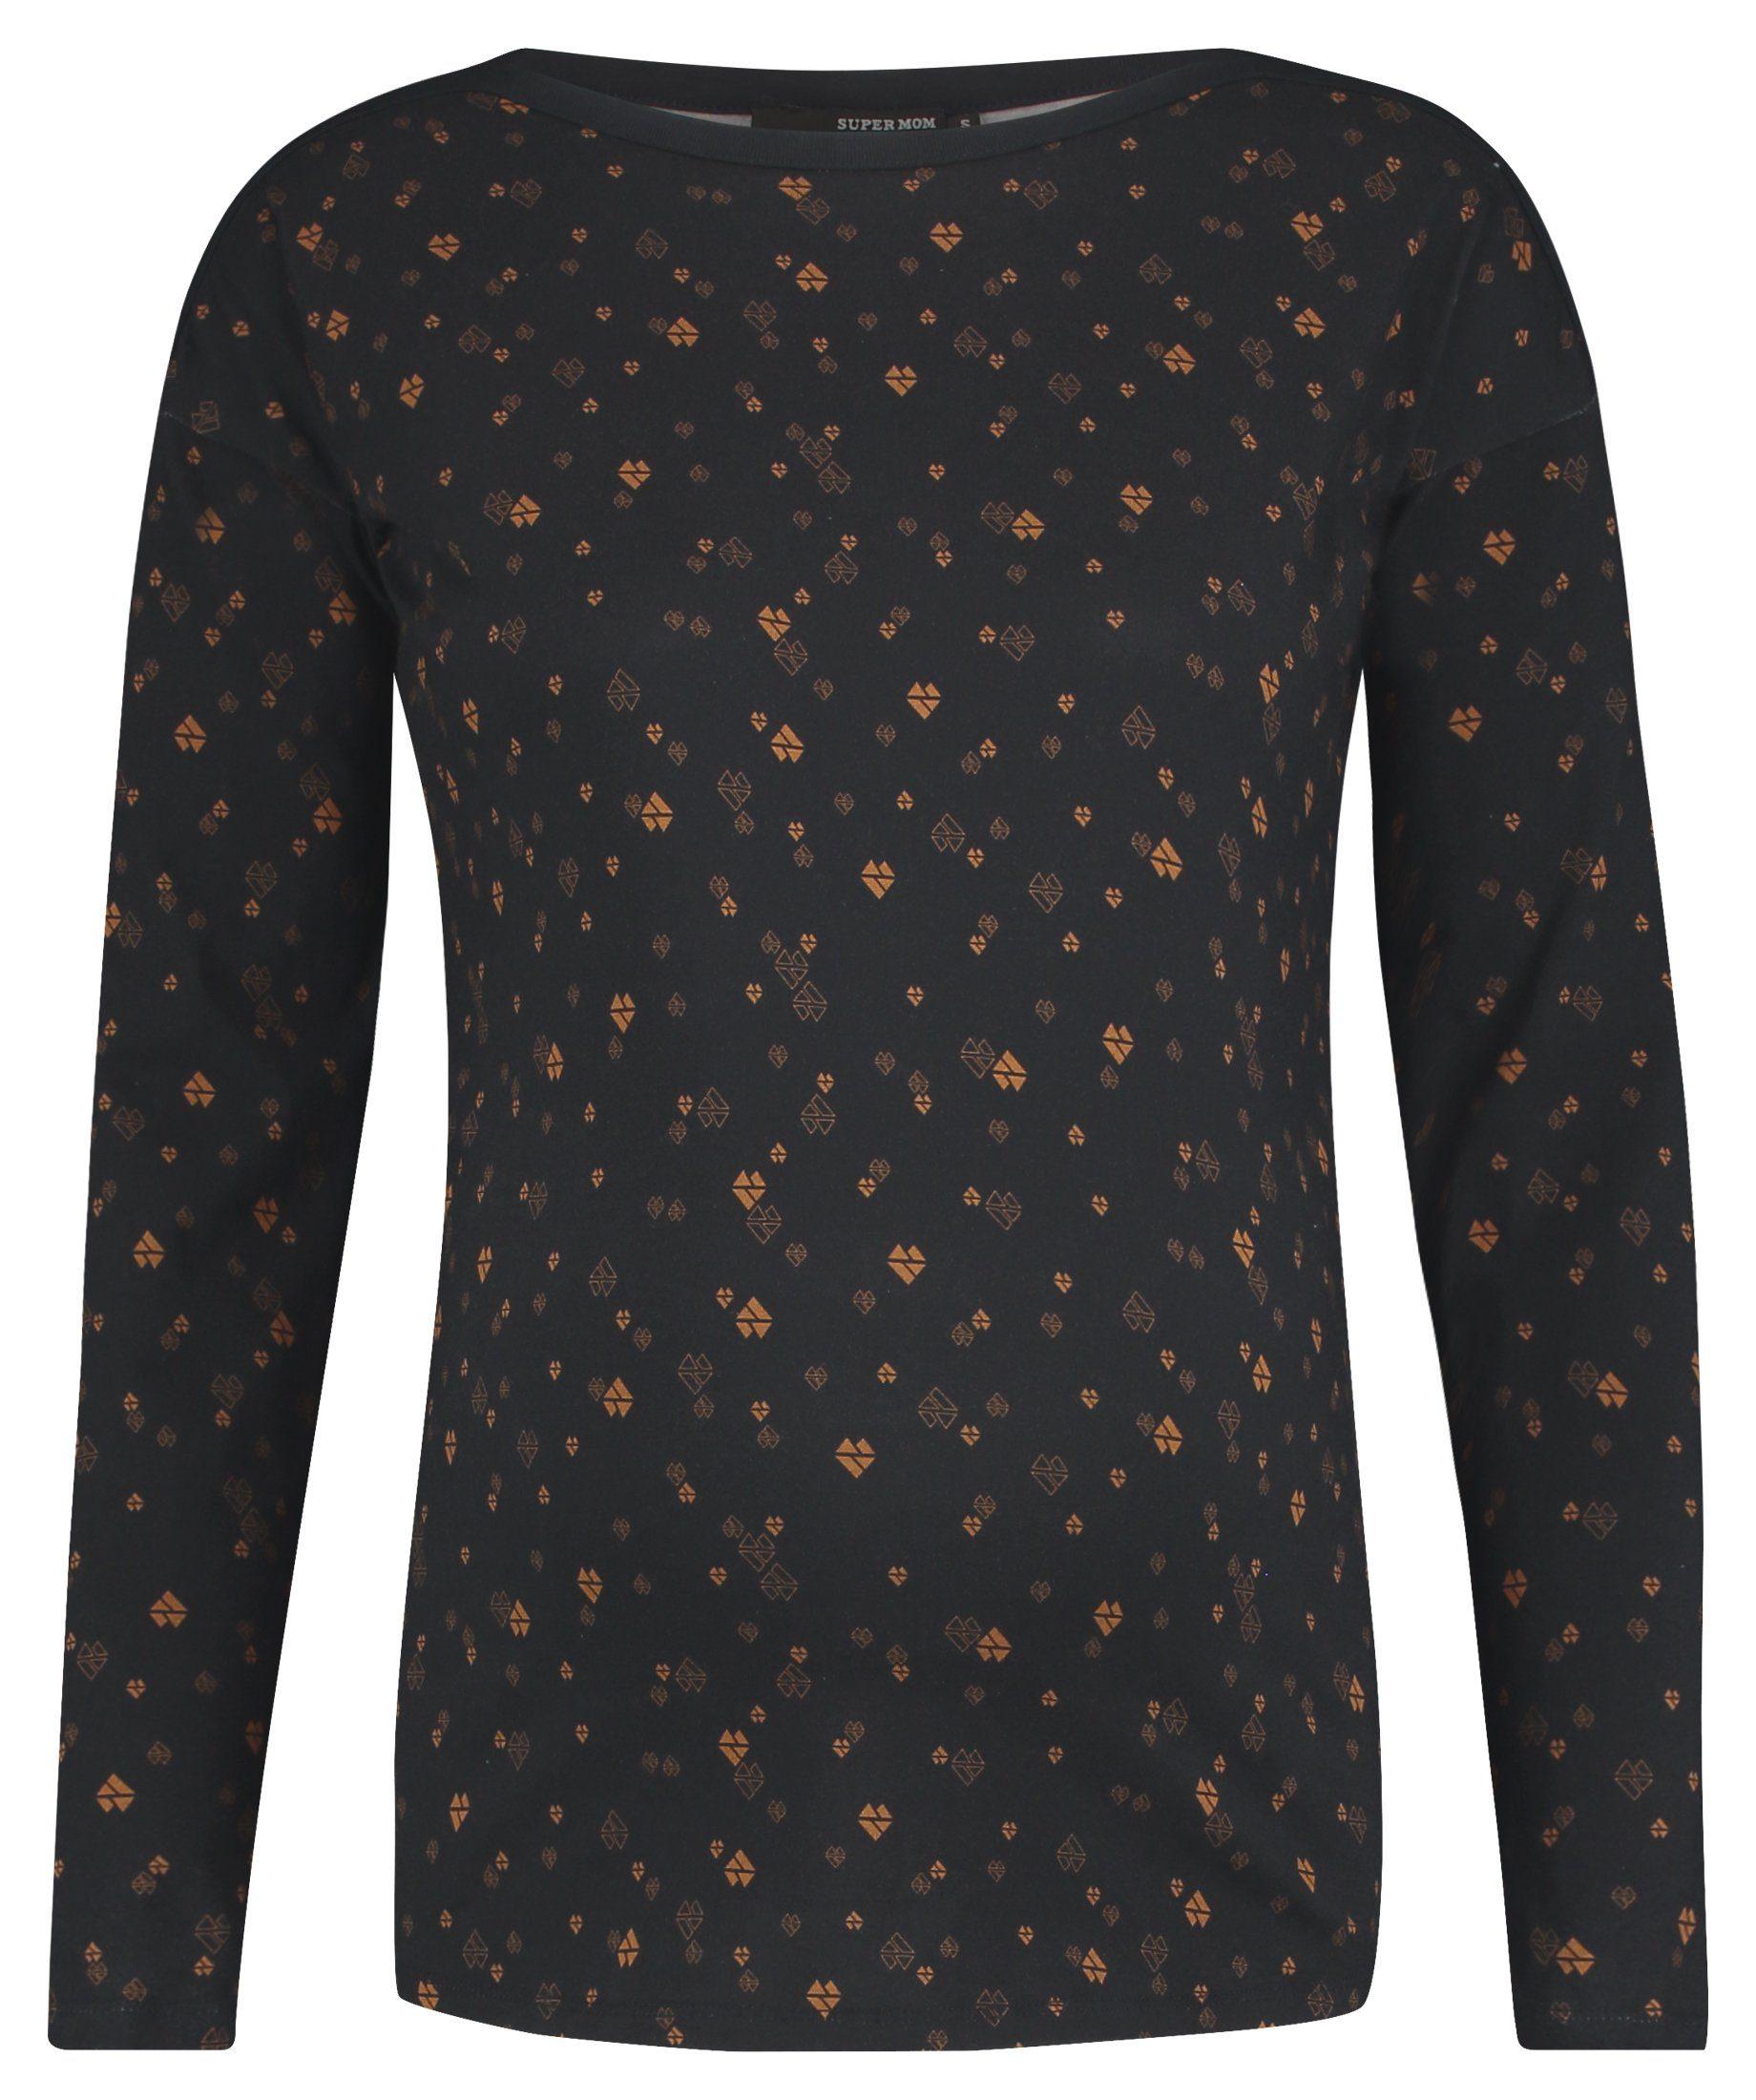 2a2d2dc88cbf09 Damen Langarmshirt Print Preisvergleich • Die besten Angebote online ...